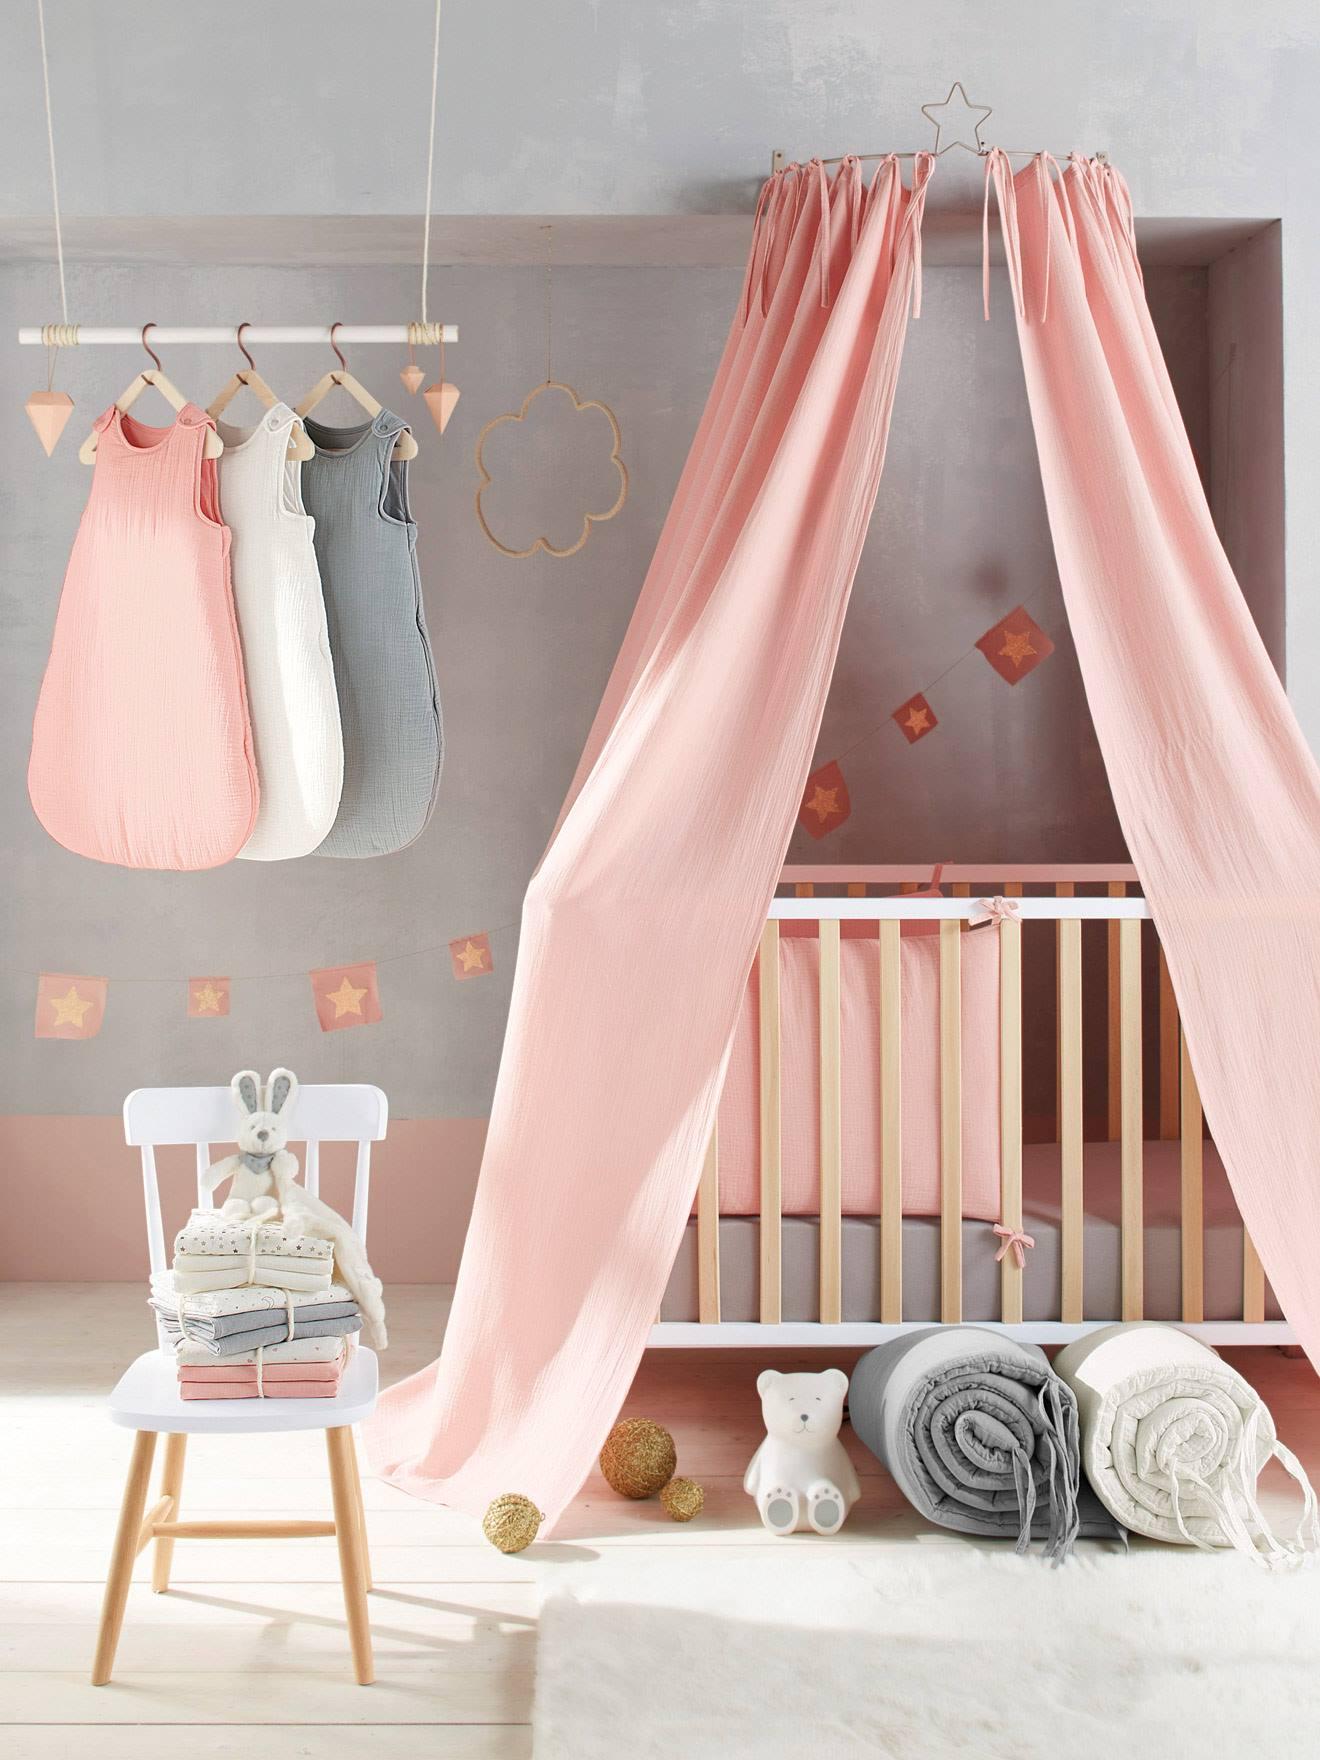 ciel de lit chambre adulte with ciel de lit chambre adulte. Black Bedroom Furniture Sets. Home Design Ideas